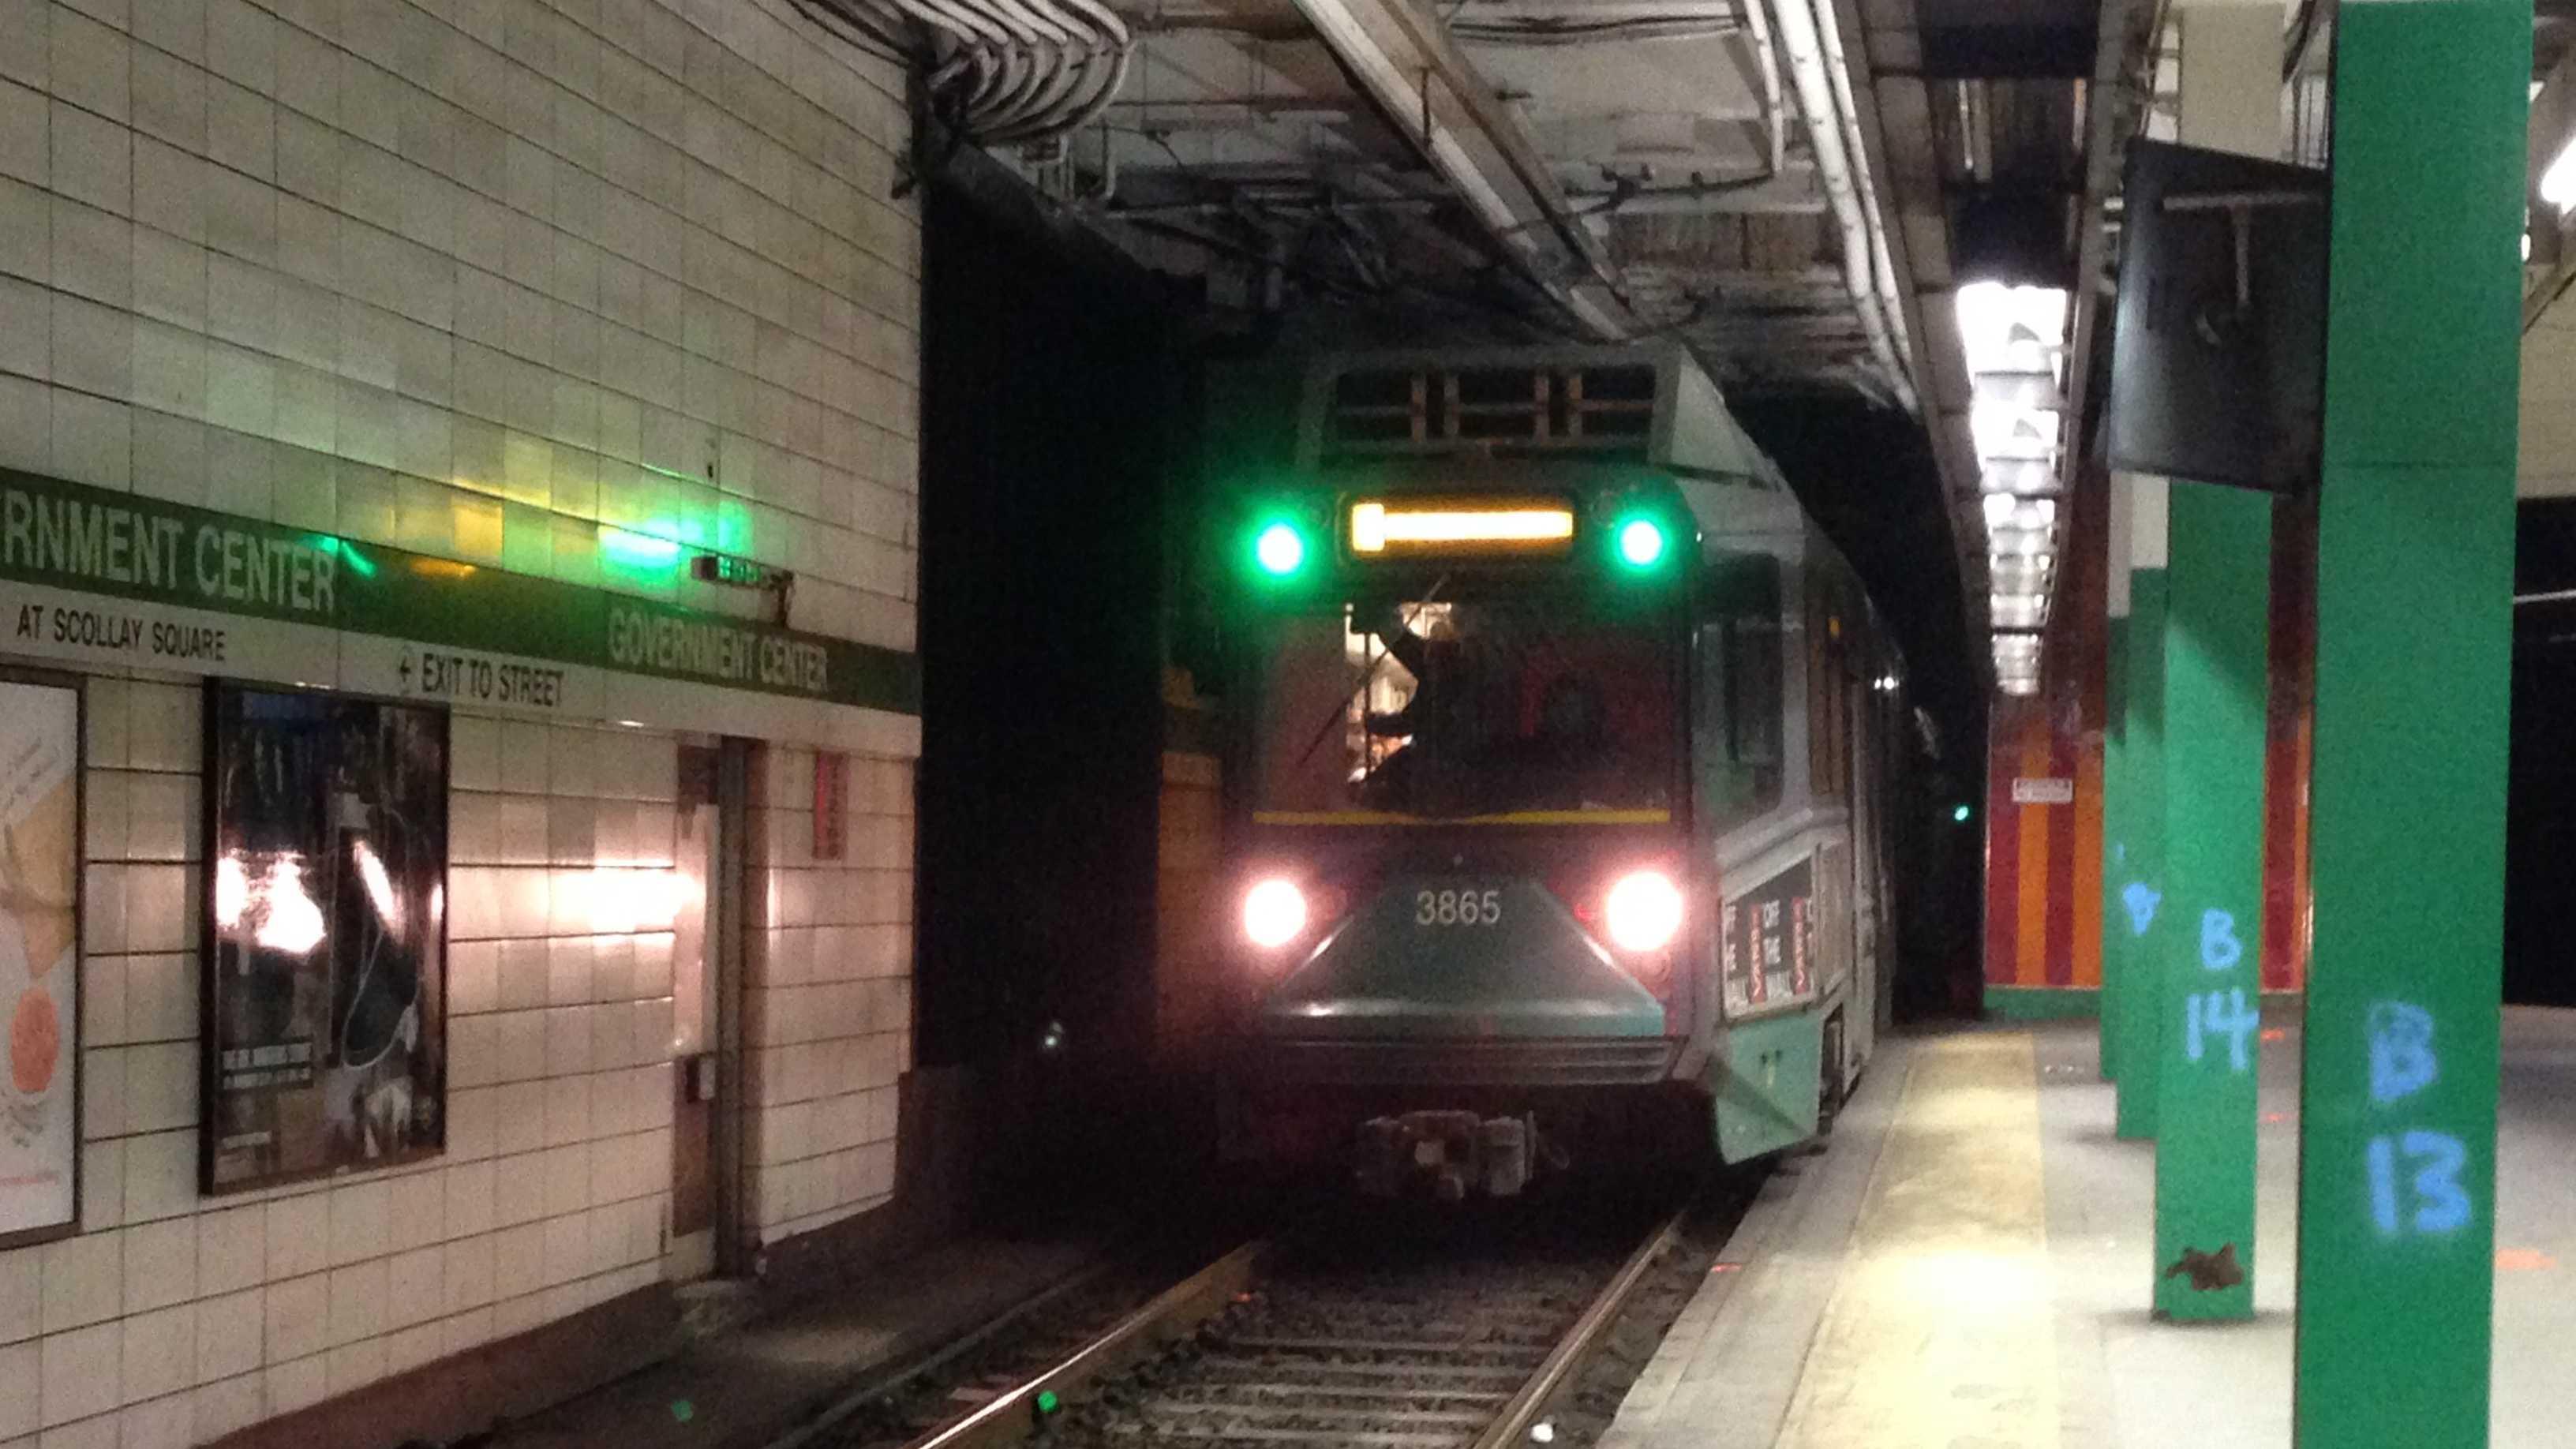 Govt-Center-MBTA 0318 (2).JPG